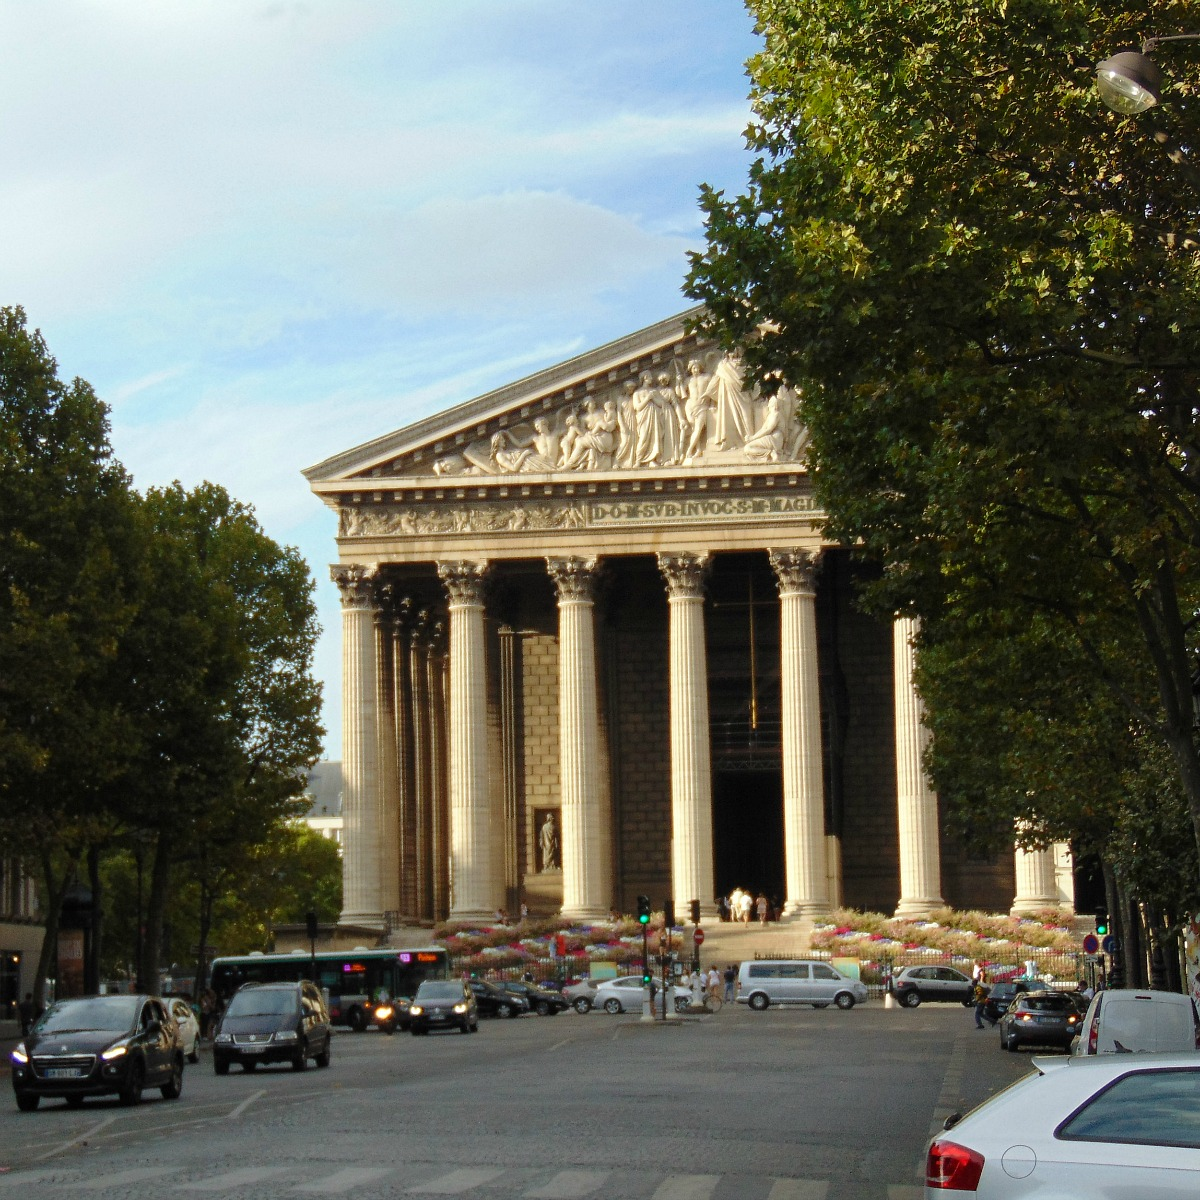 Dlaczego Kościół Magdaleny jest najdziwniejszym kościołem w Paryżu?